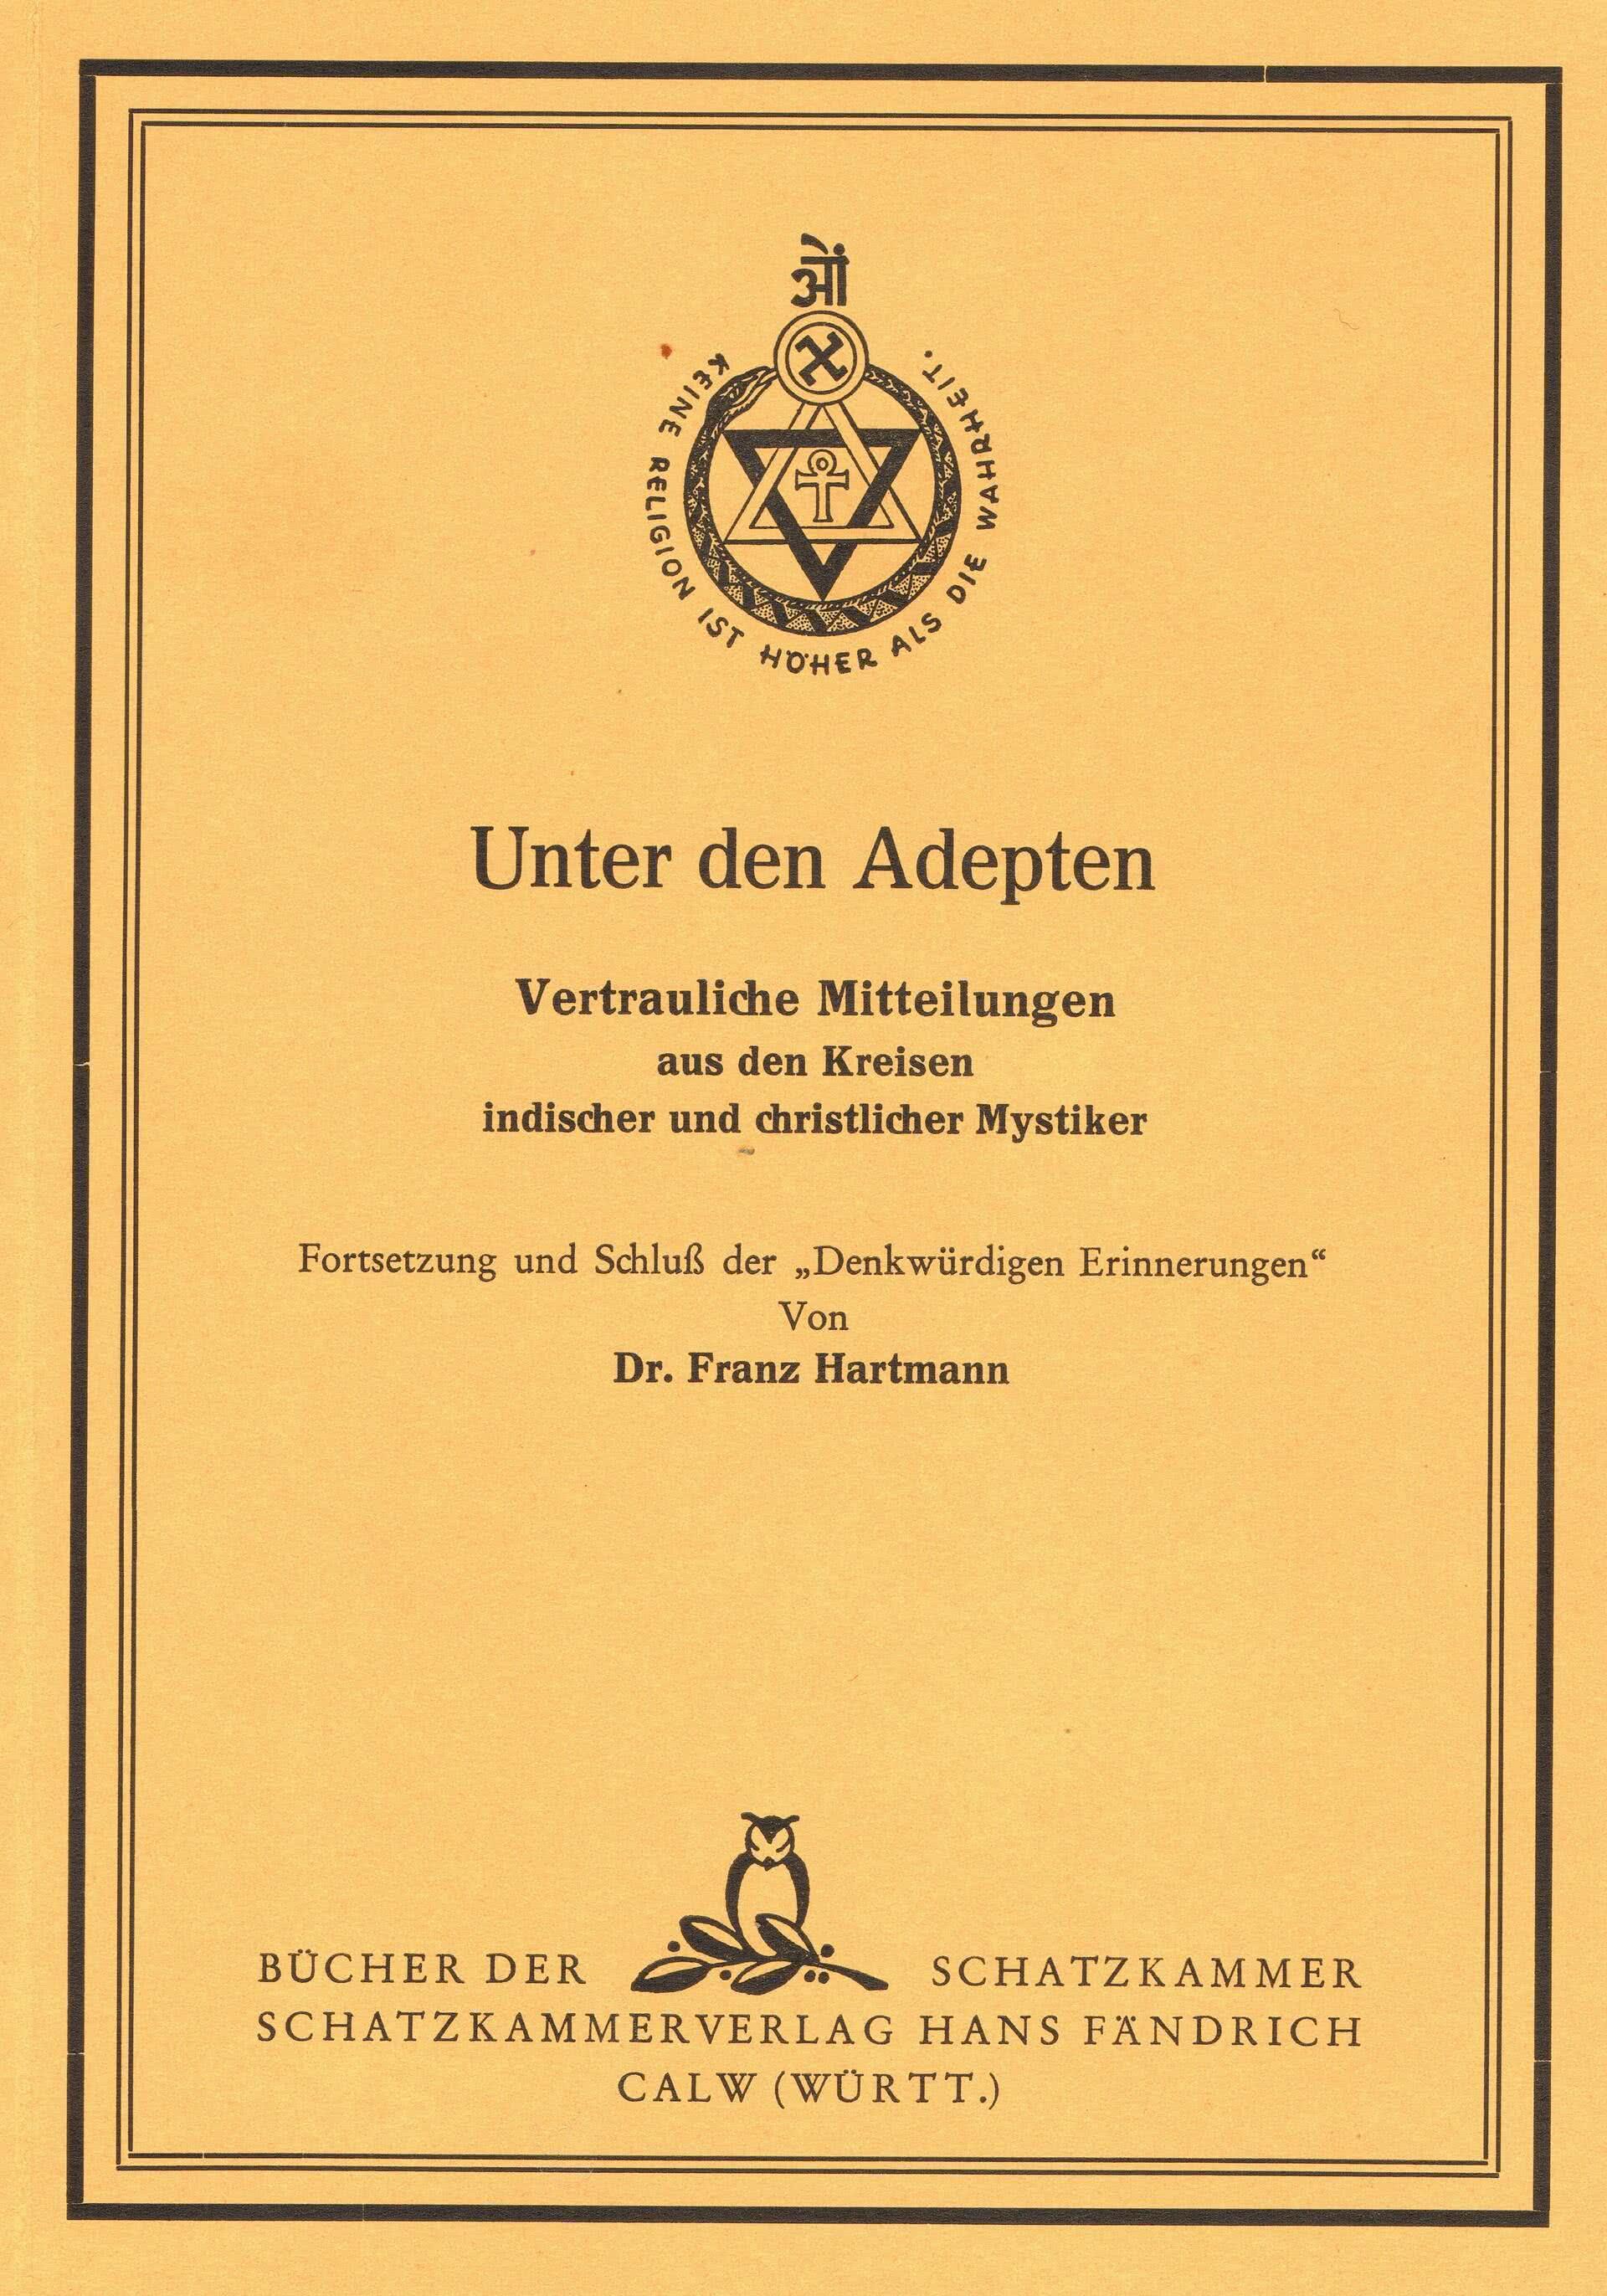 Unter den Adepten. Vertrauliche Mitteilungen aus den Kreisen indischer und christlicher Mystiker